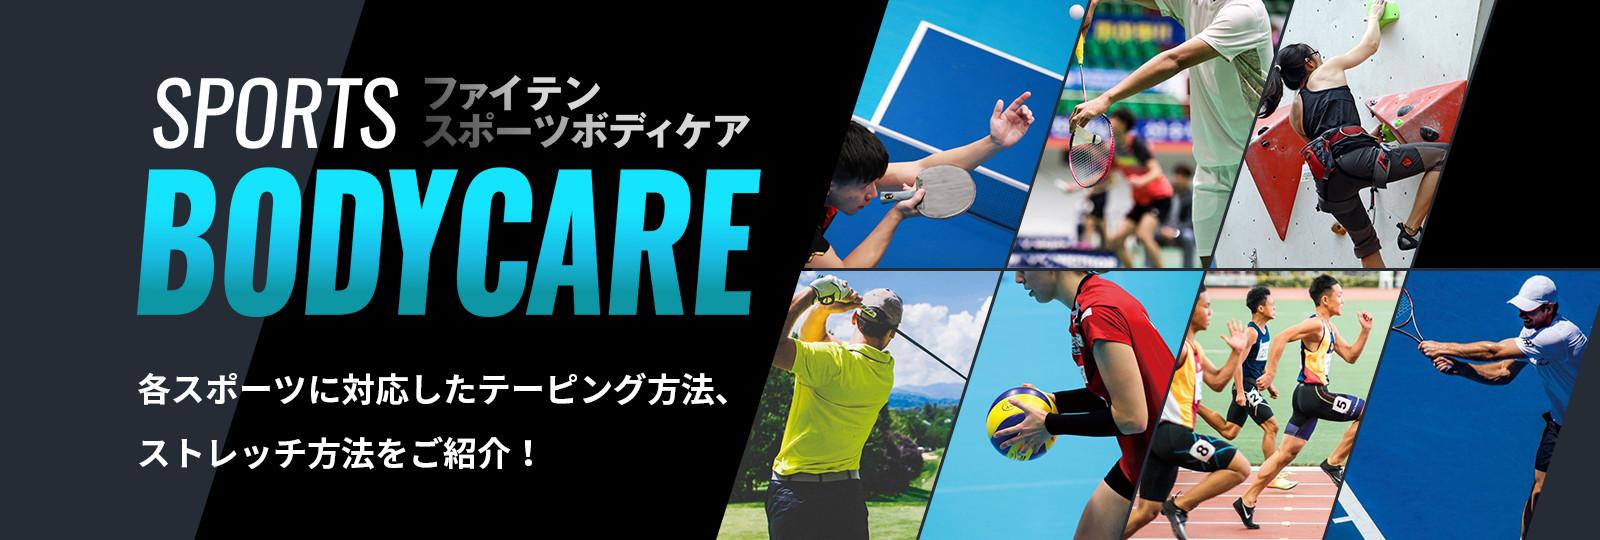 スポーツ特設サイト